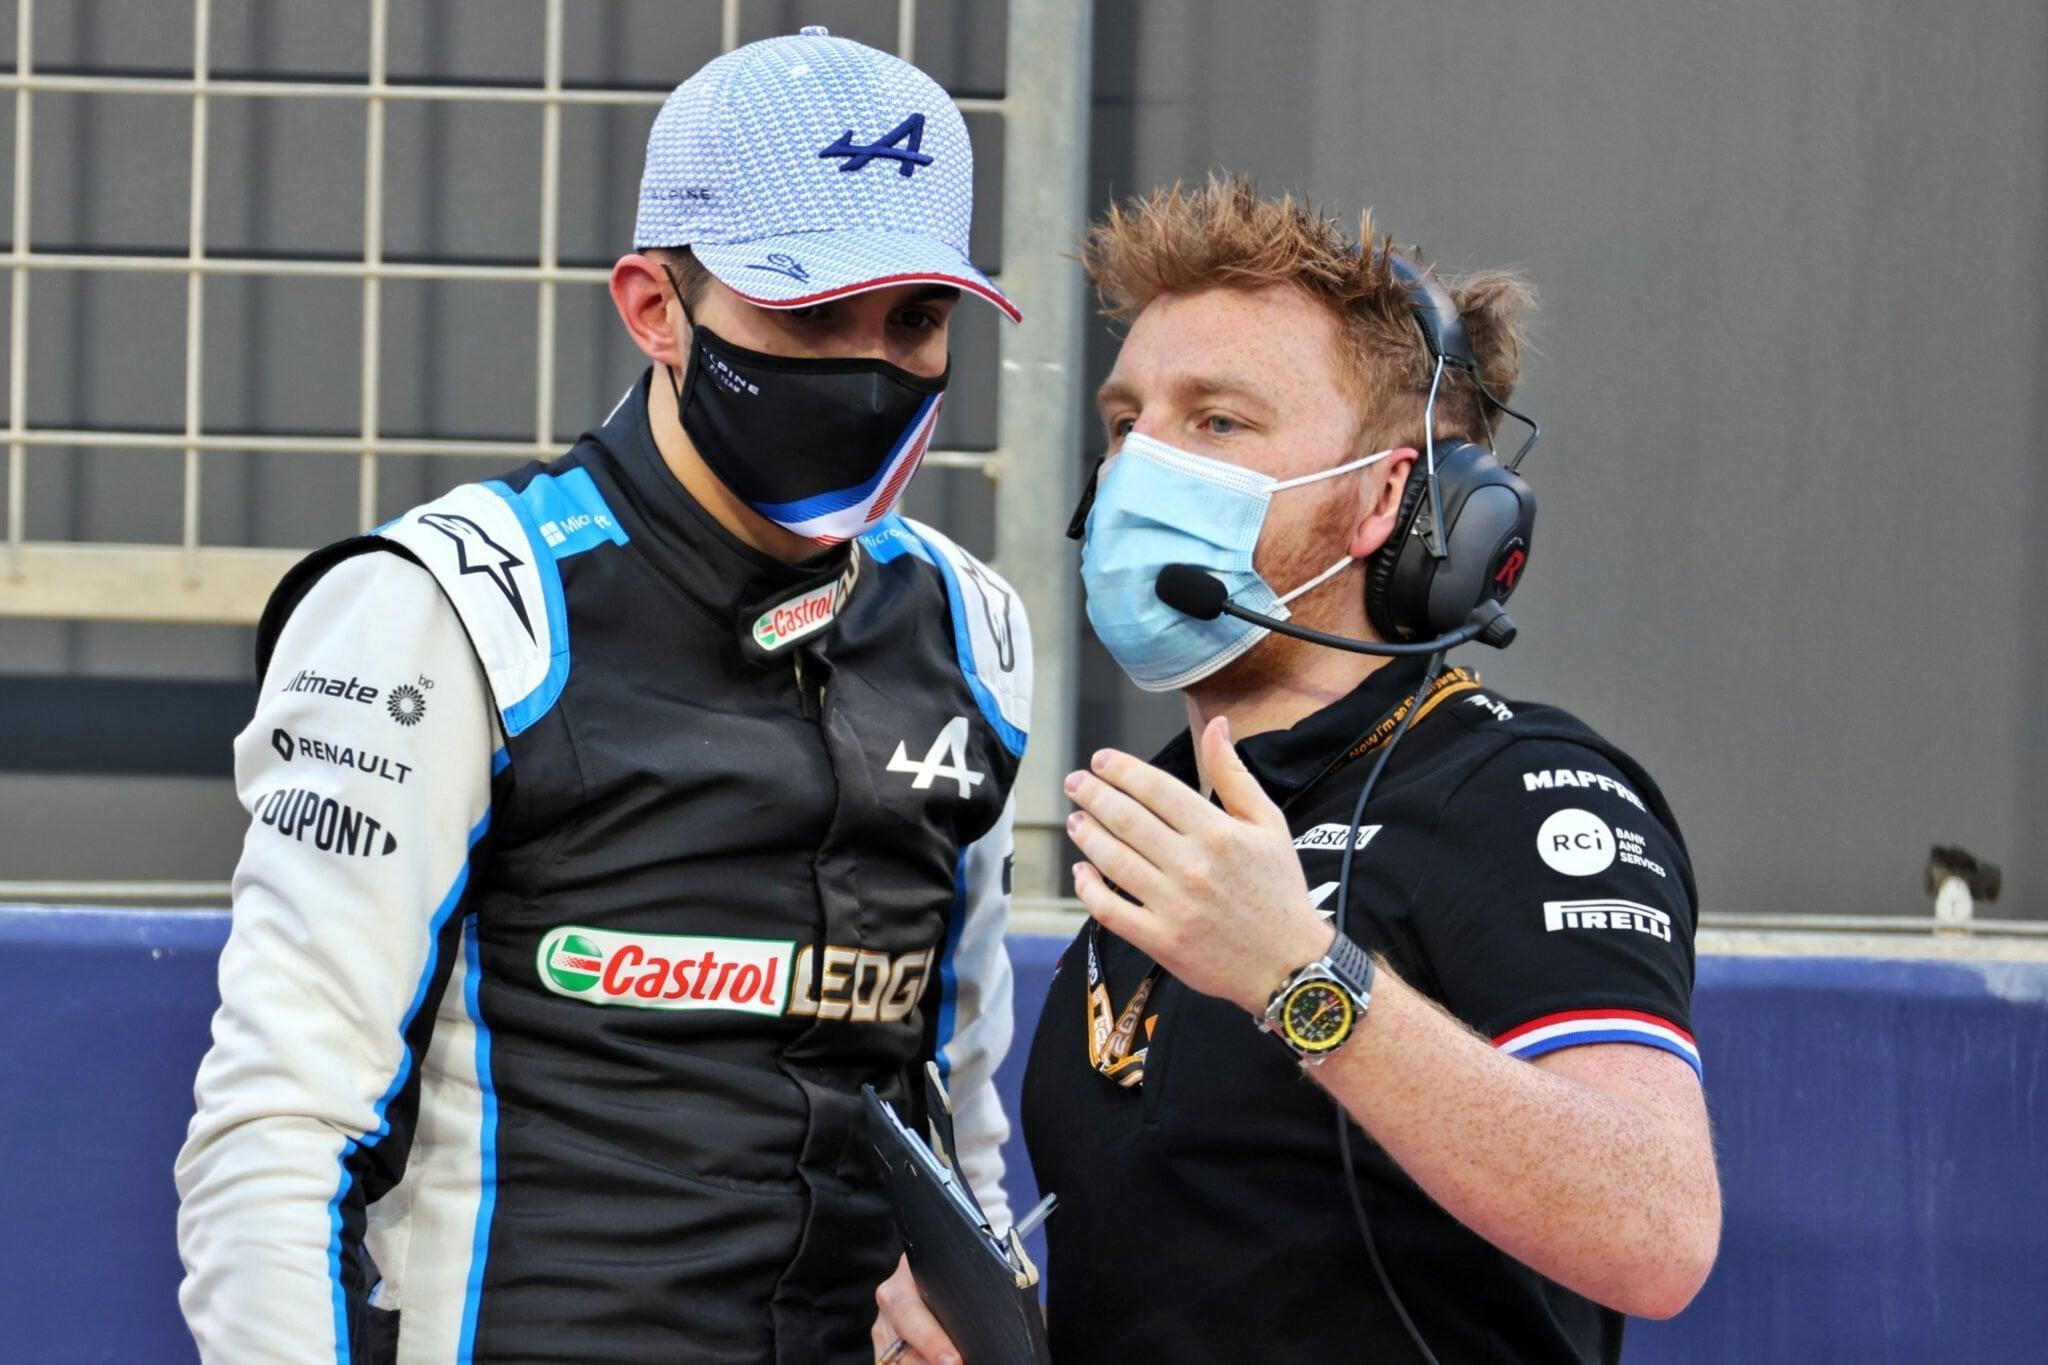 Alpine F1 Team Esteban Ocon A521 Bahrein Sakhir 2021 15 | Alpine F1 Team : la 9ème et 16ème position pour Alonso et Ocon aux qualifications à Bahreïn